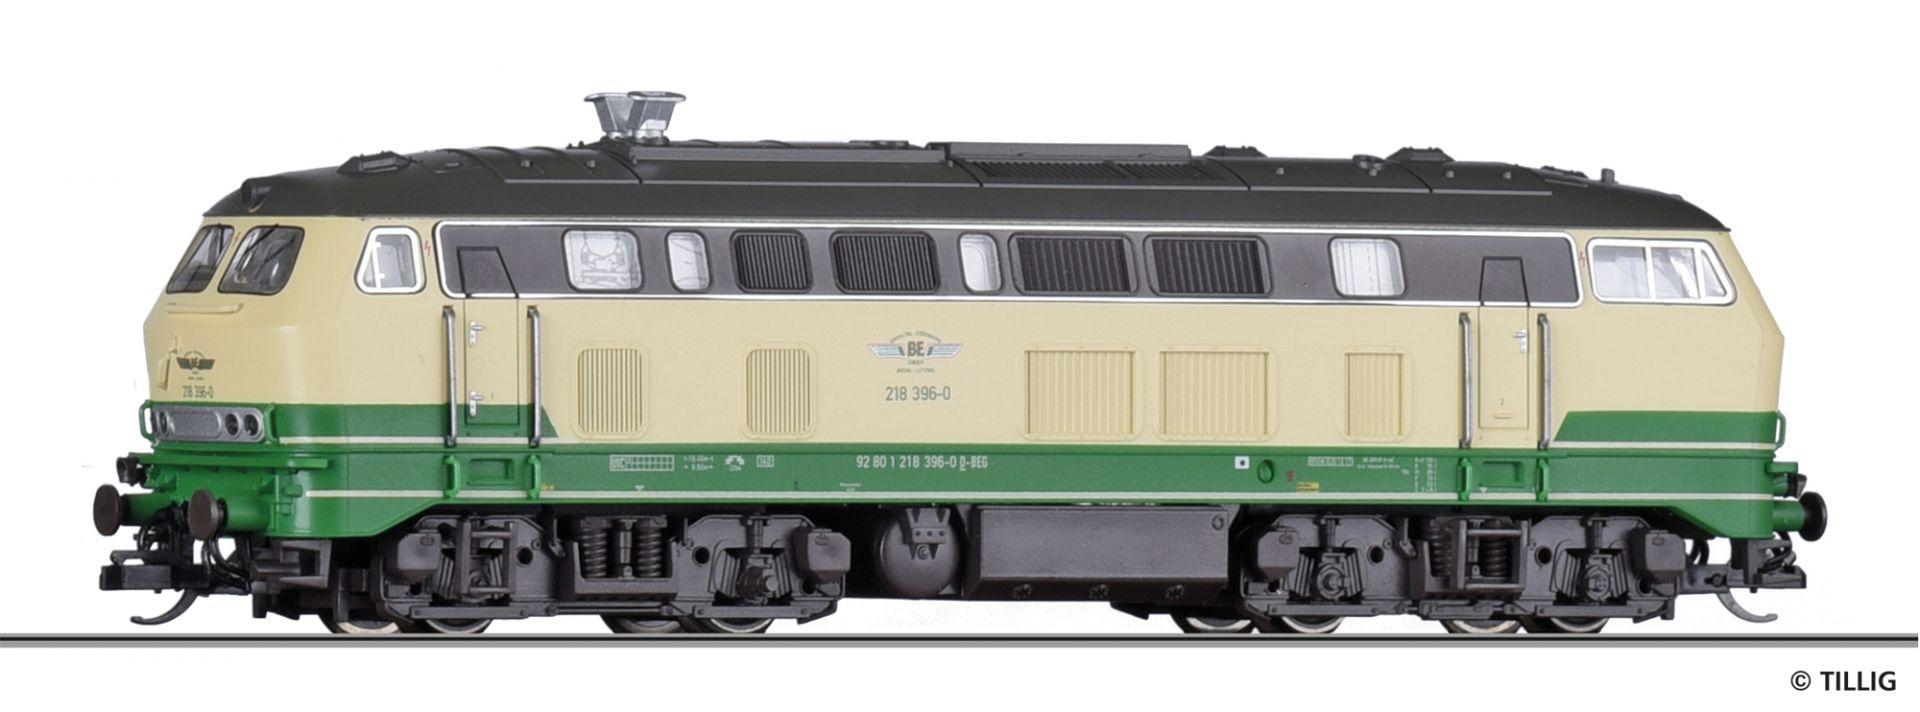 04701 | Diesellokomotive Brohltal-Schmalspureisenbahn Betriebs-GmbH